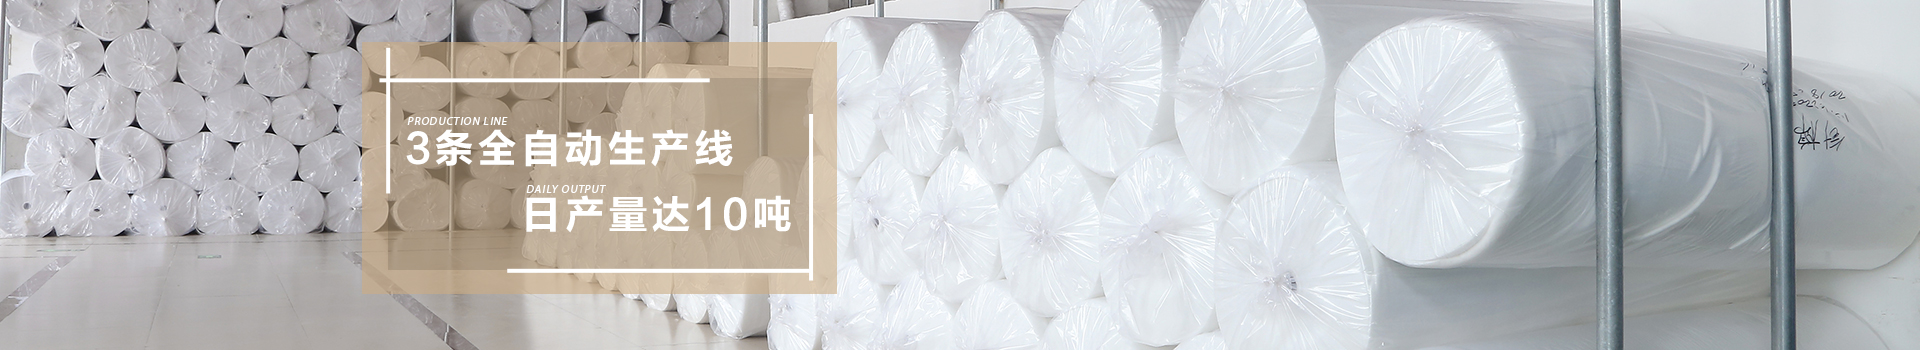 智成-3条全自动生产线,日产量达10吨